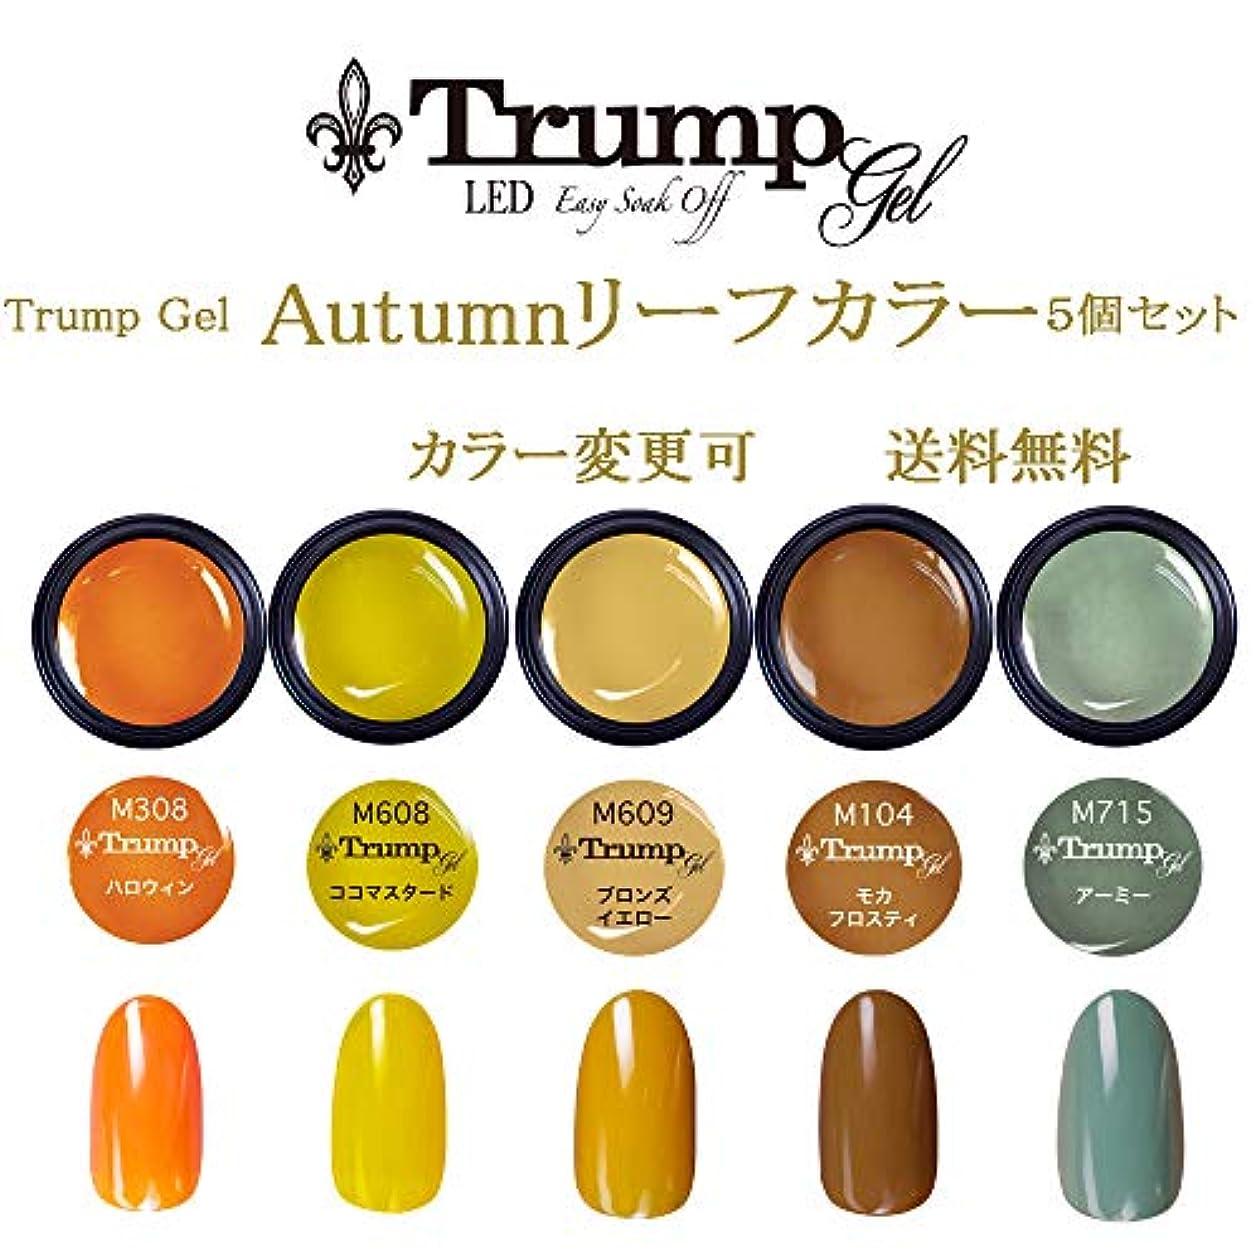 世論調査中キャッチ【送料無料】日本製 Trump gel トランプジェル オータムリーフカラー 選べる カラージェル 5個セット オータムネイル ベージュ ブラウン マスタード カラー